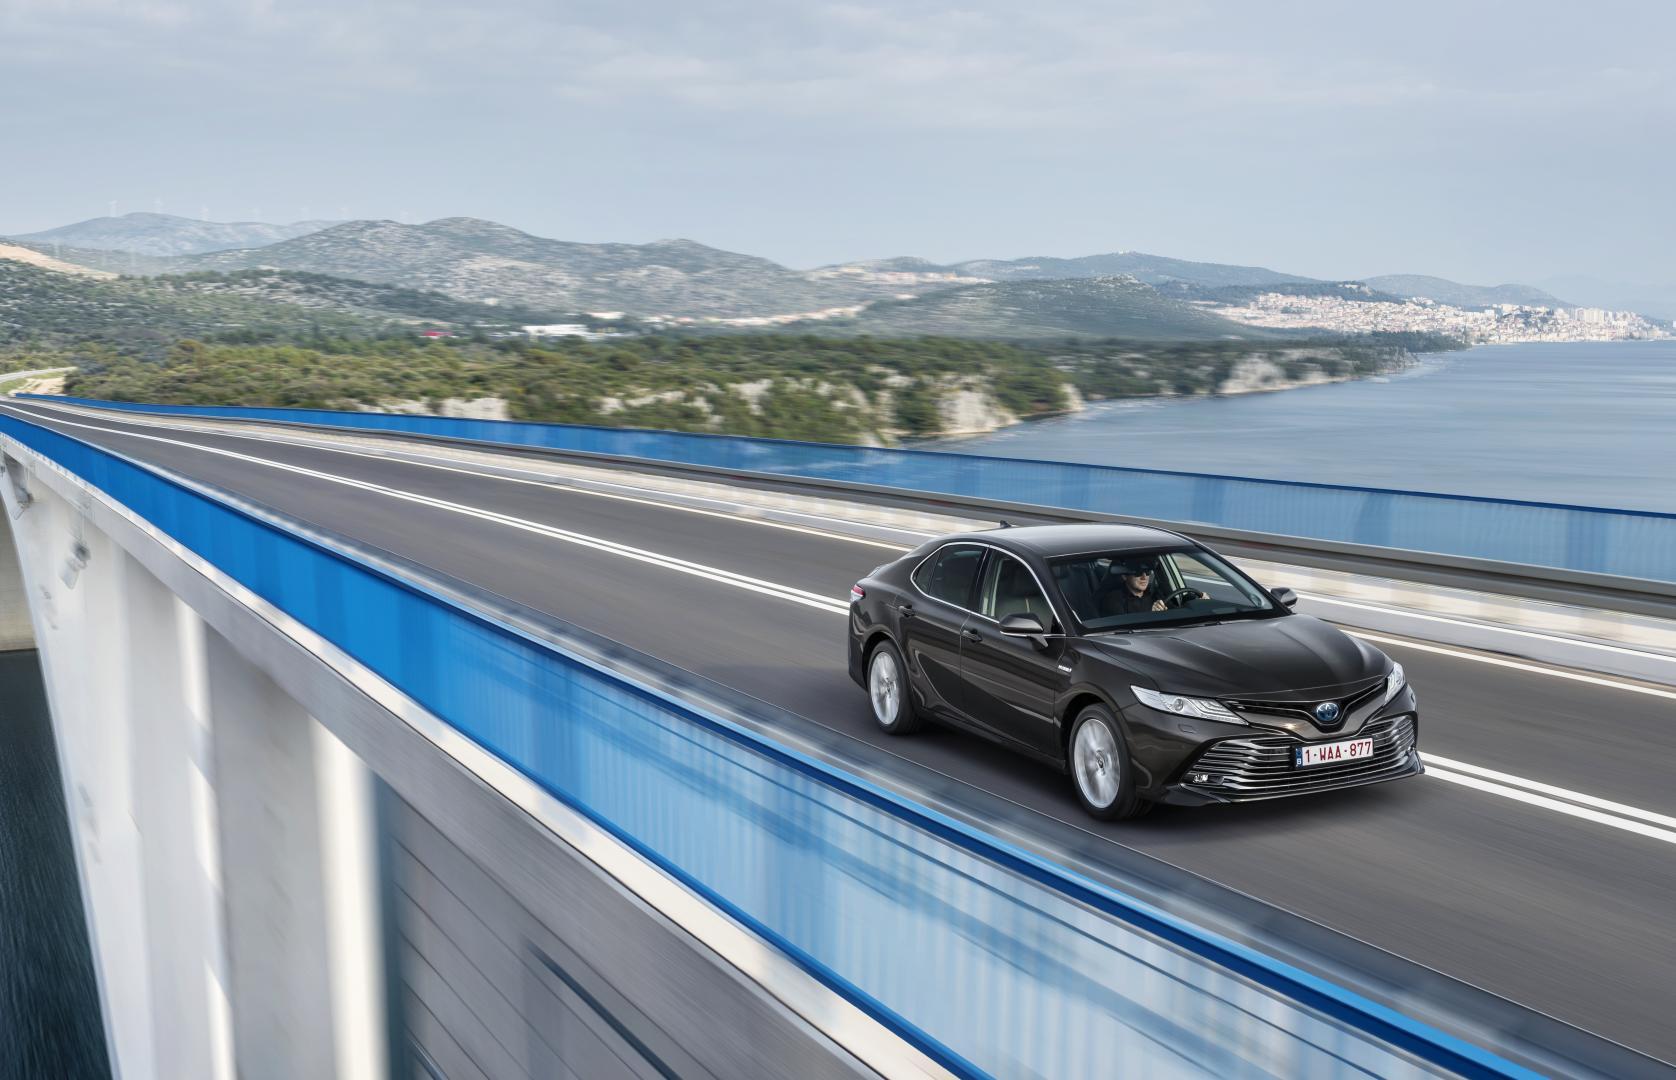 Toyota Camry Hybrid 1e rij-indruk 2019 brug water meer